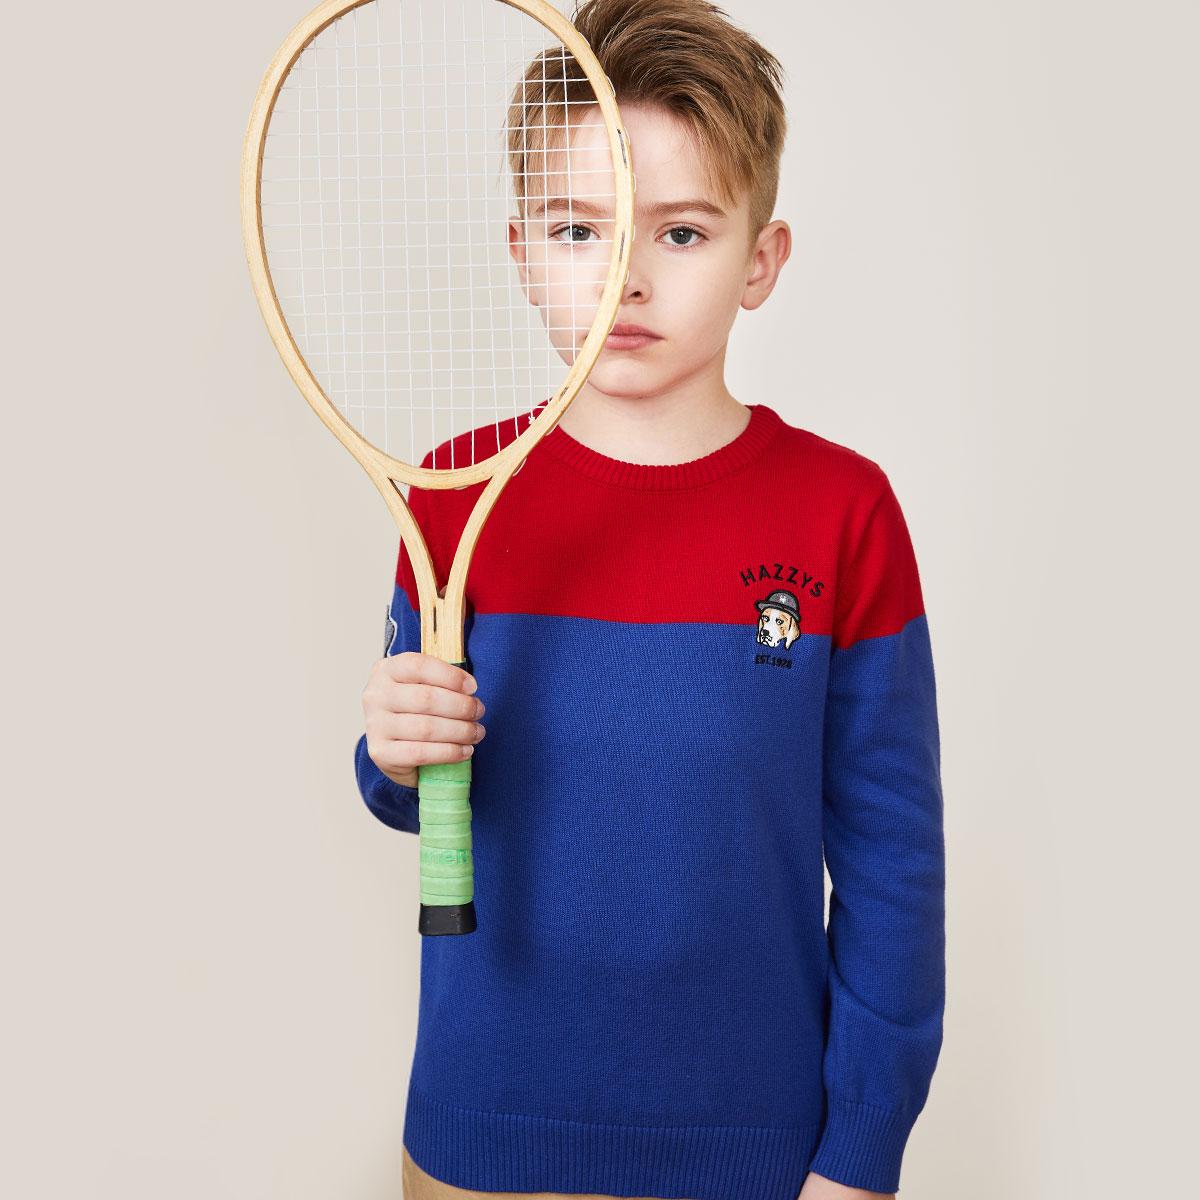 哈吉斯hazzys哈吉斯童装儿童2019秋季新款男童针织衫HZNQBD25CW687B07